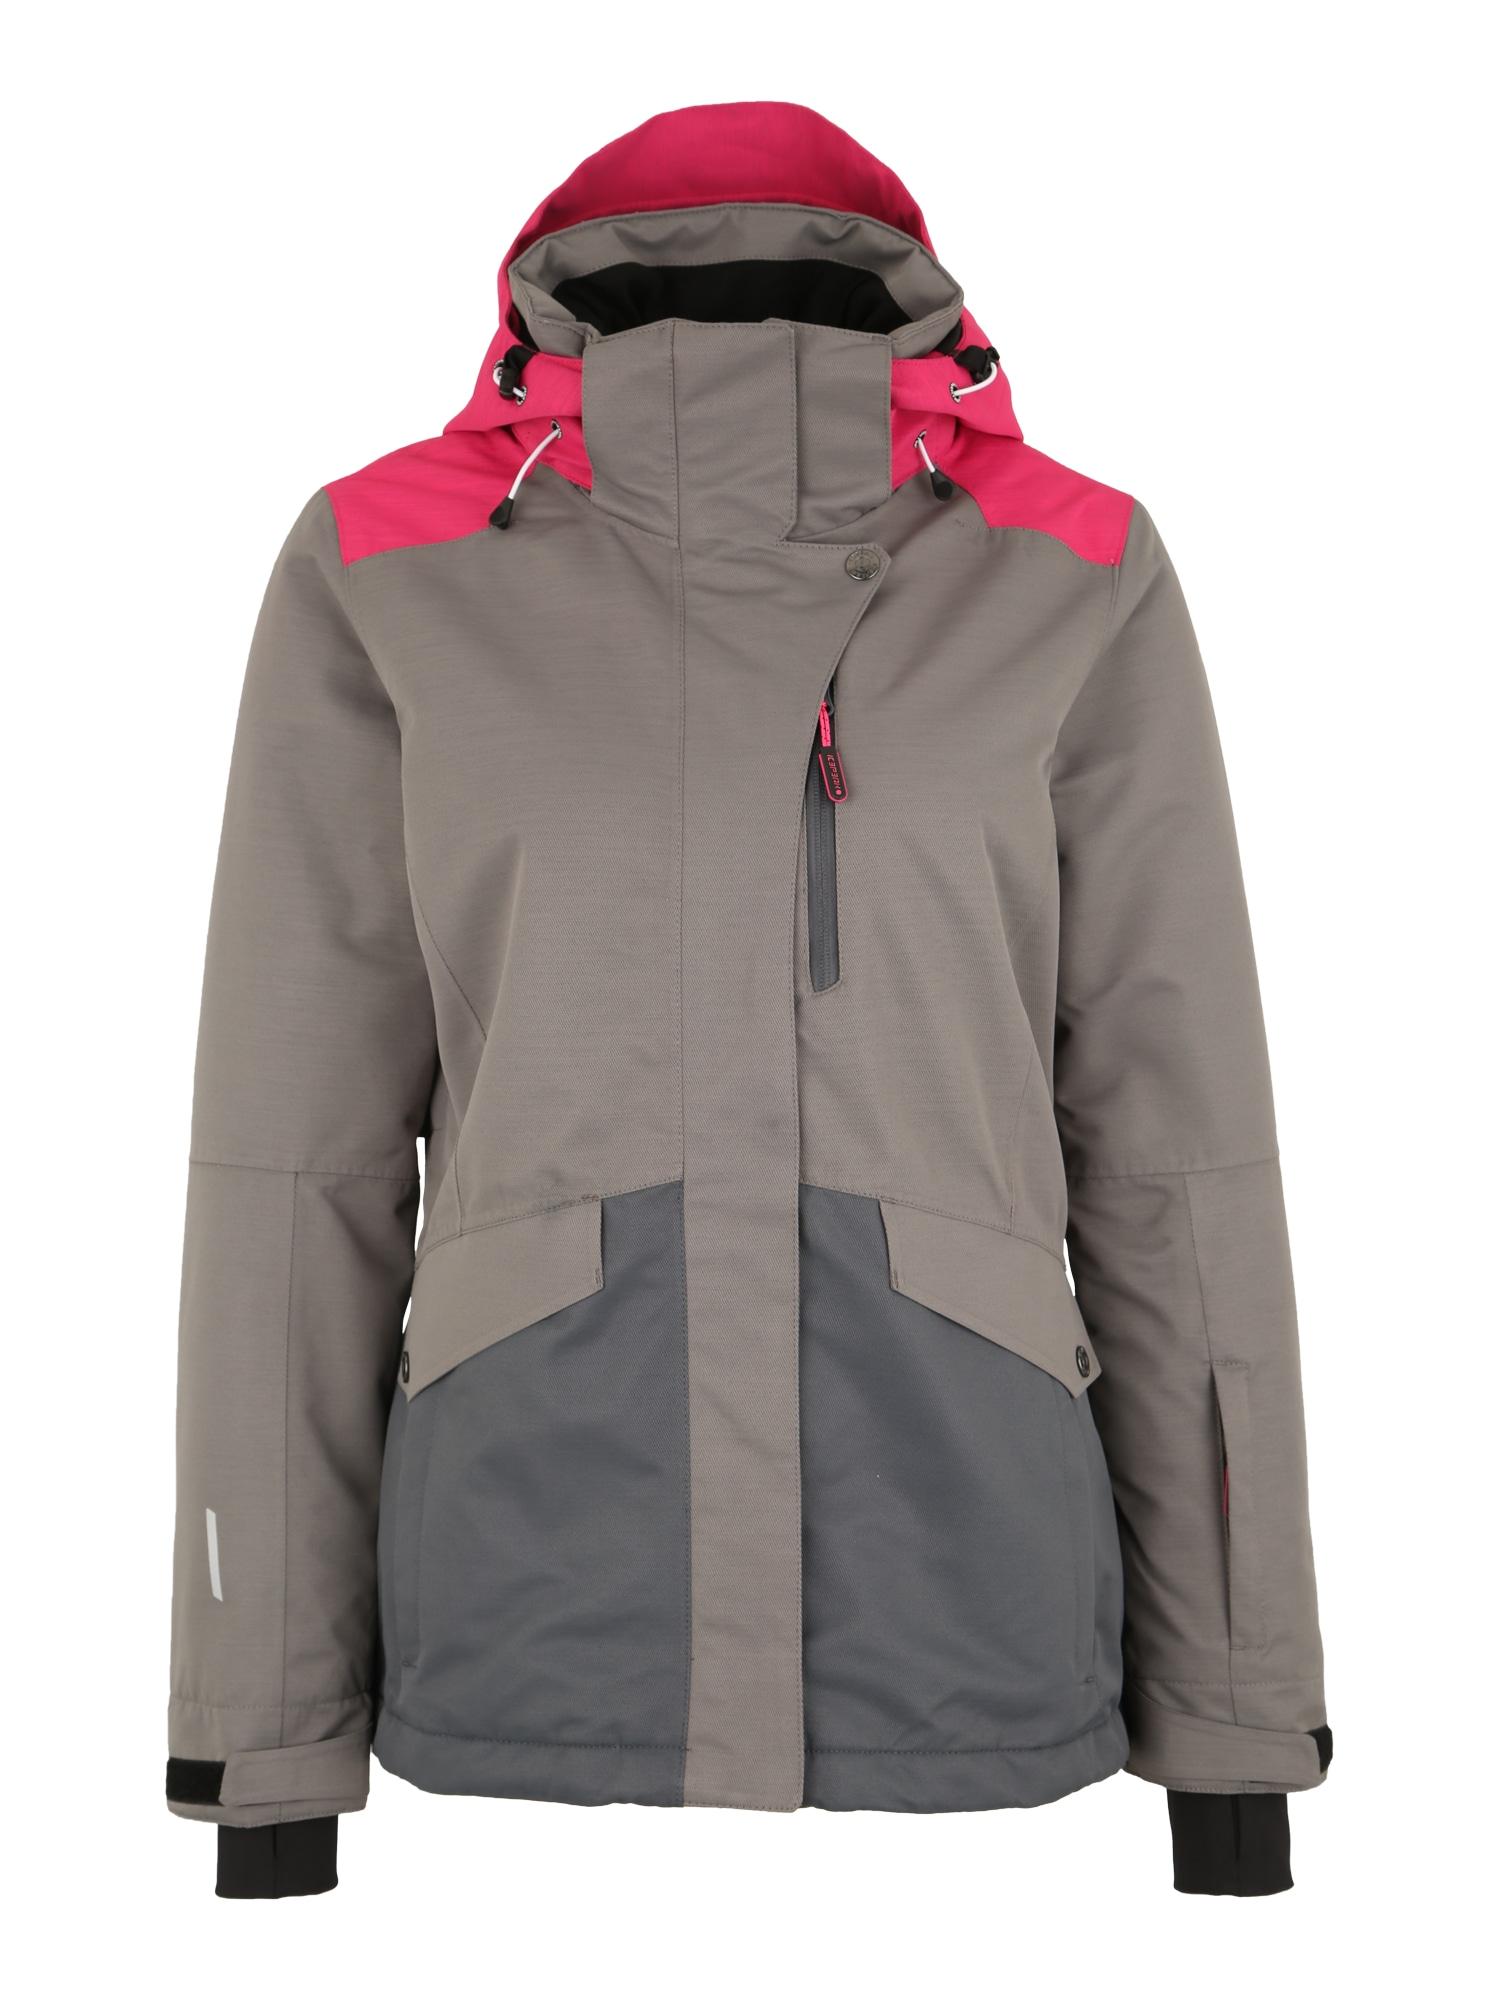 Outdoorová bunda Katlyn režná pink ICEPEAK